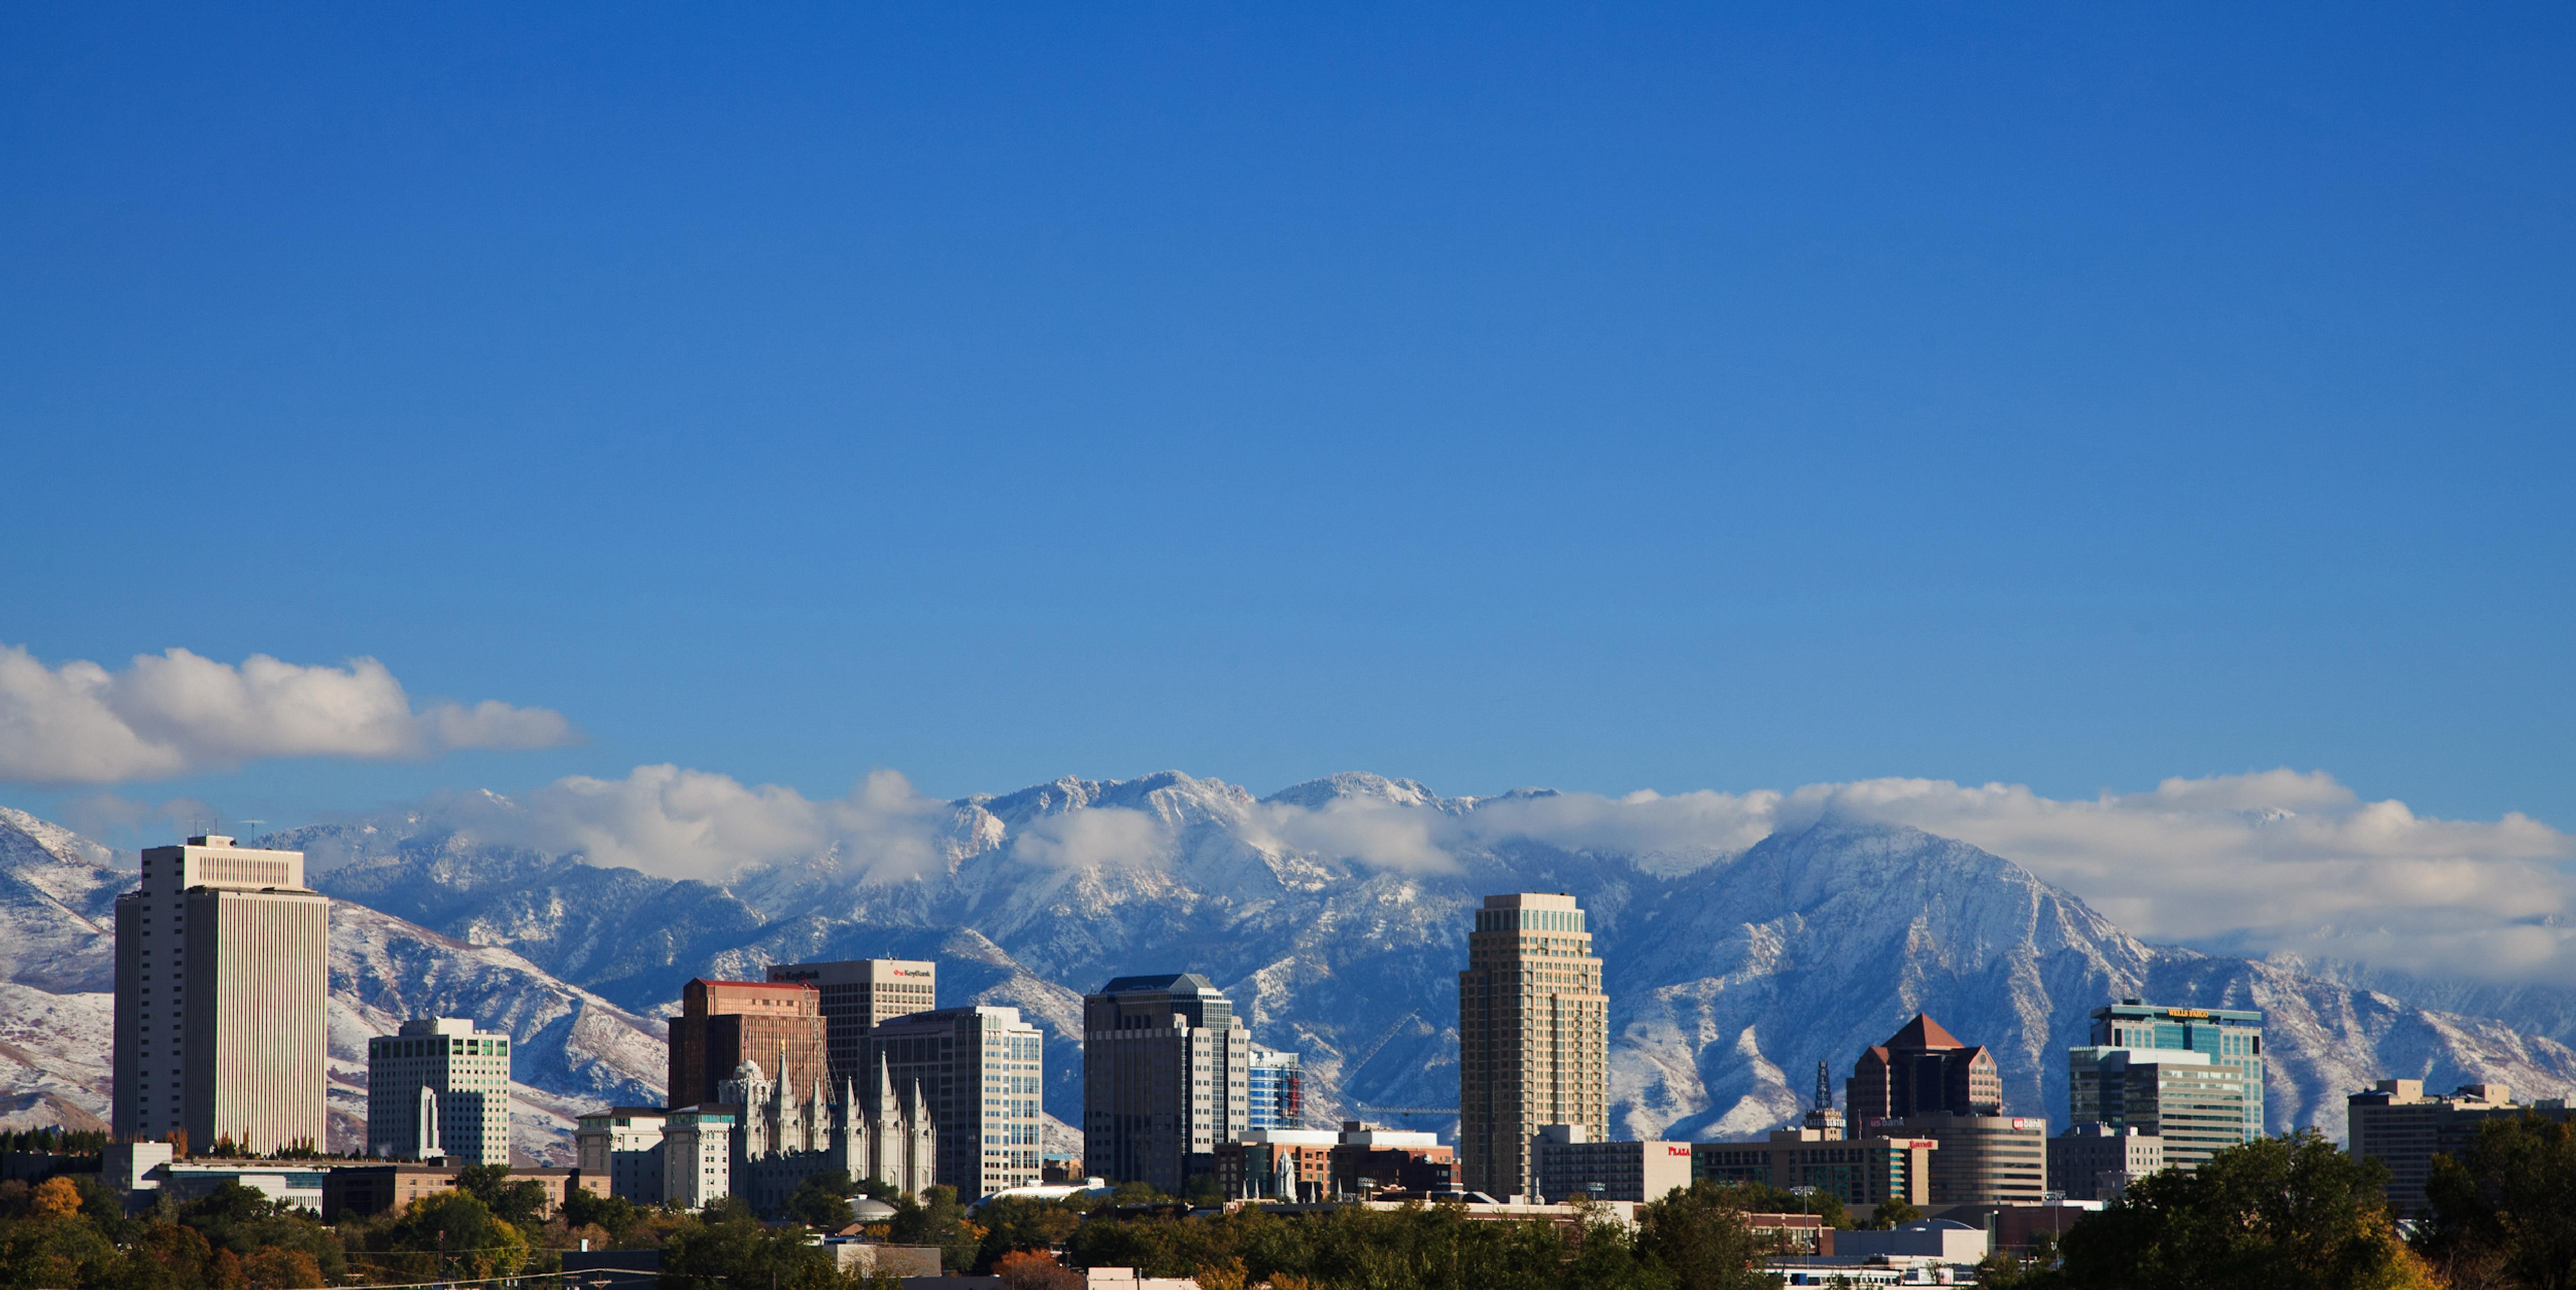 Die Skyline von Salt Lake City mit schneebedeckten Skibergen im Hintergrund